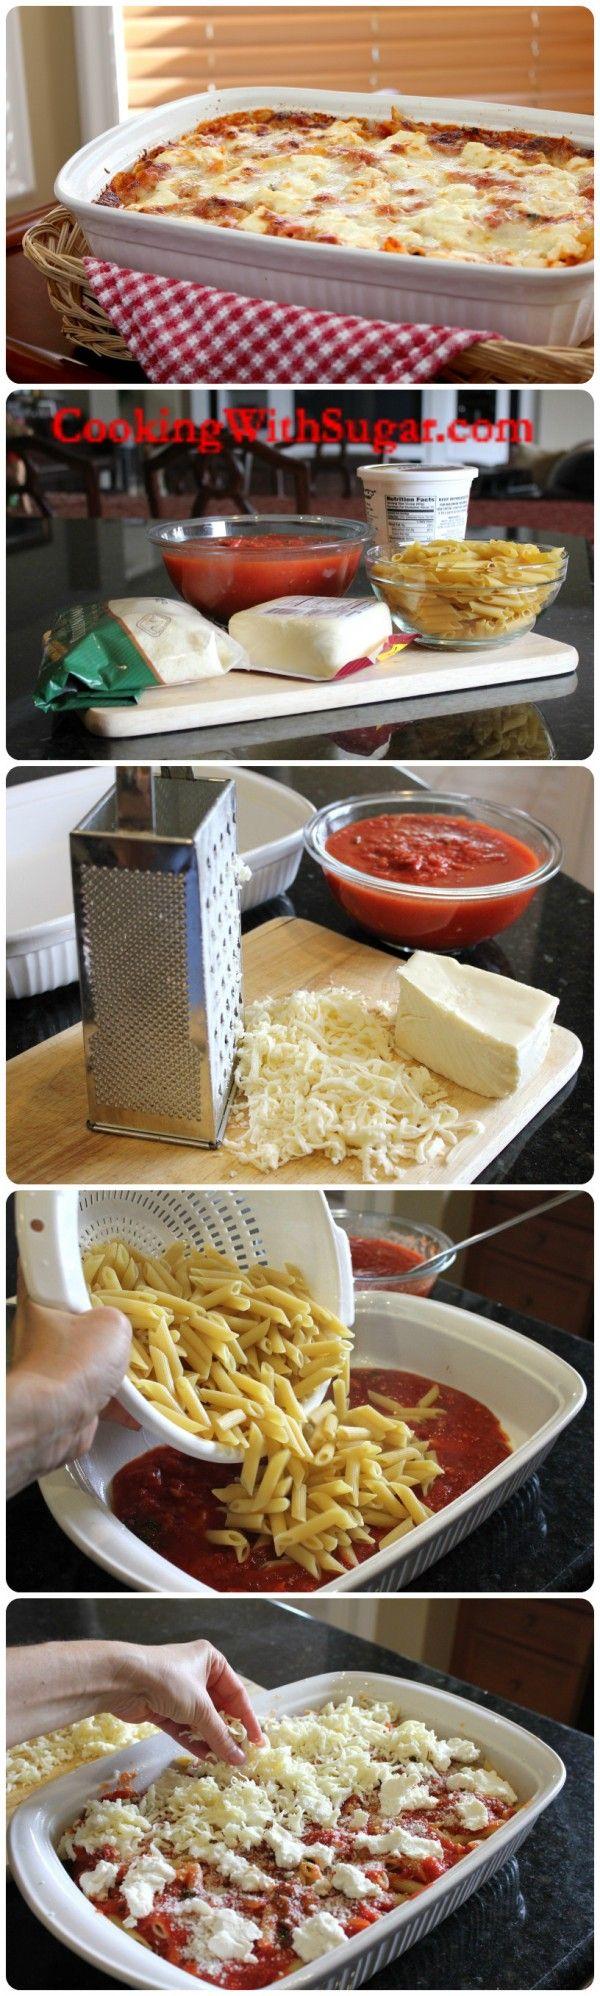 Homemade Italian Pasta Recipes – Baked Ziti